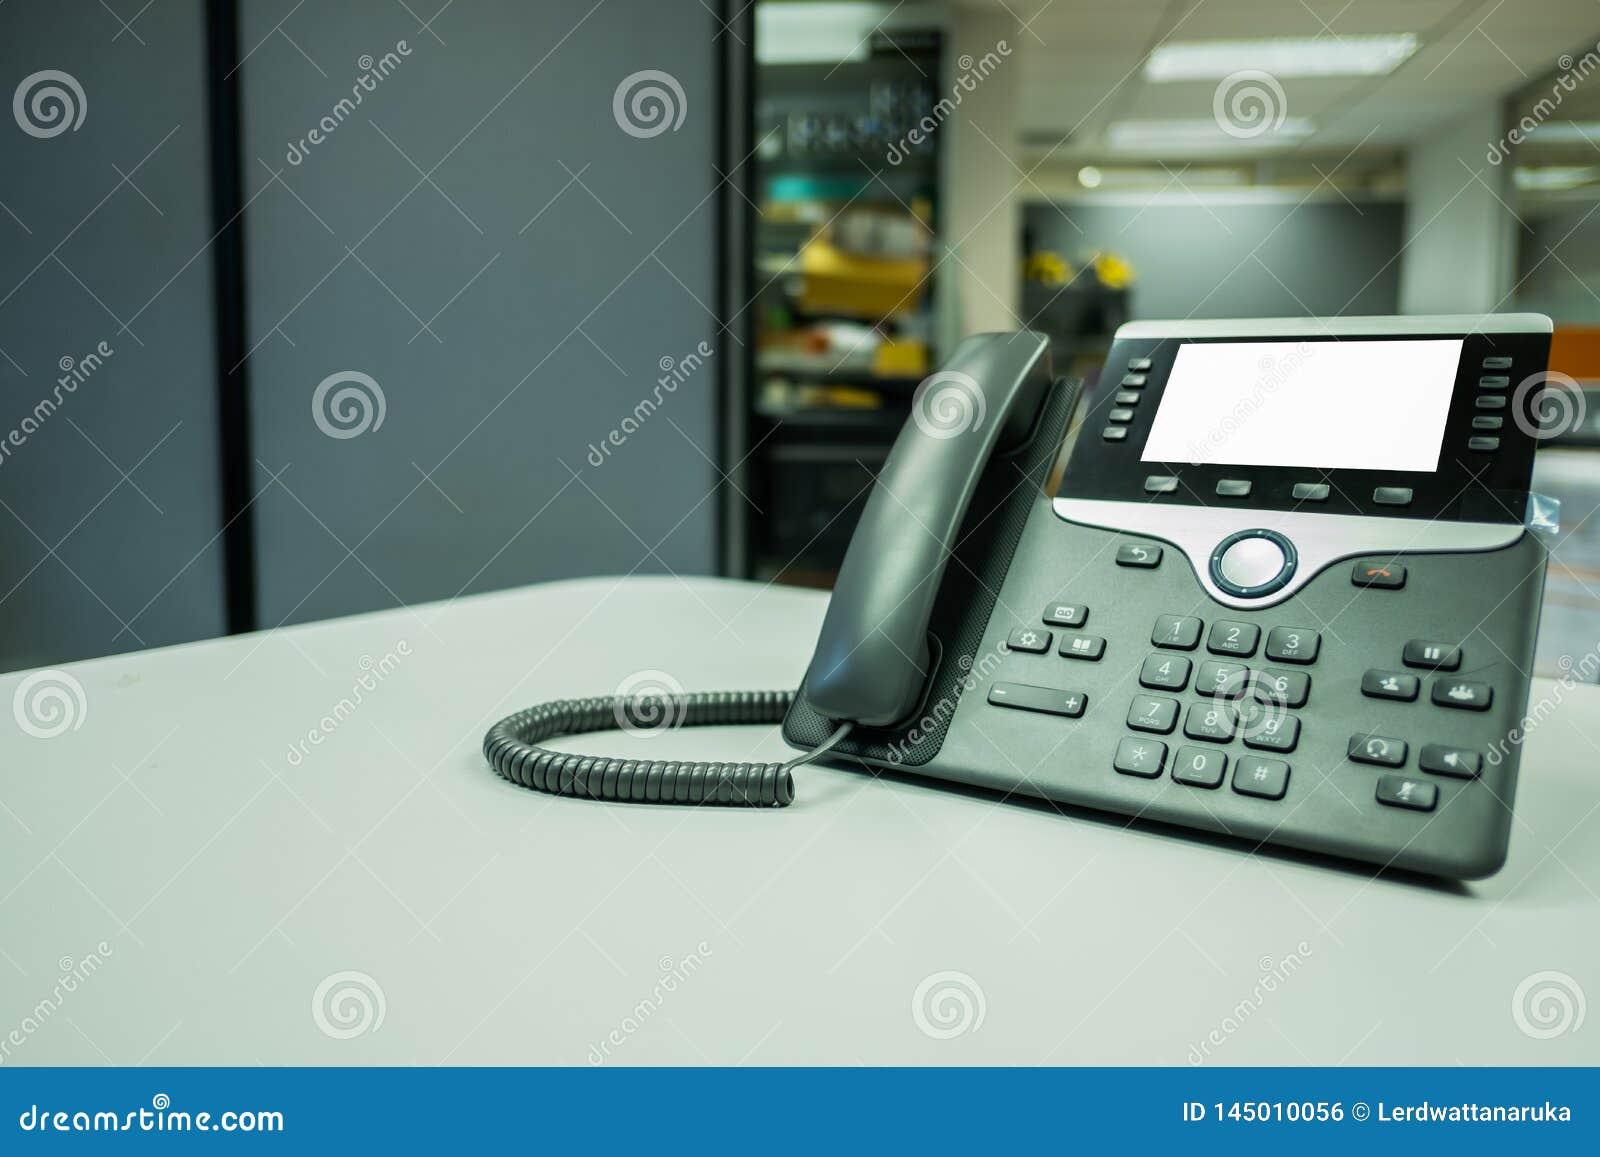 Close-upip telefoondeveice op bureau